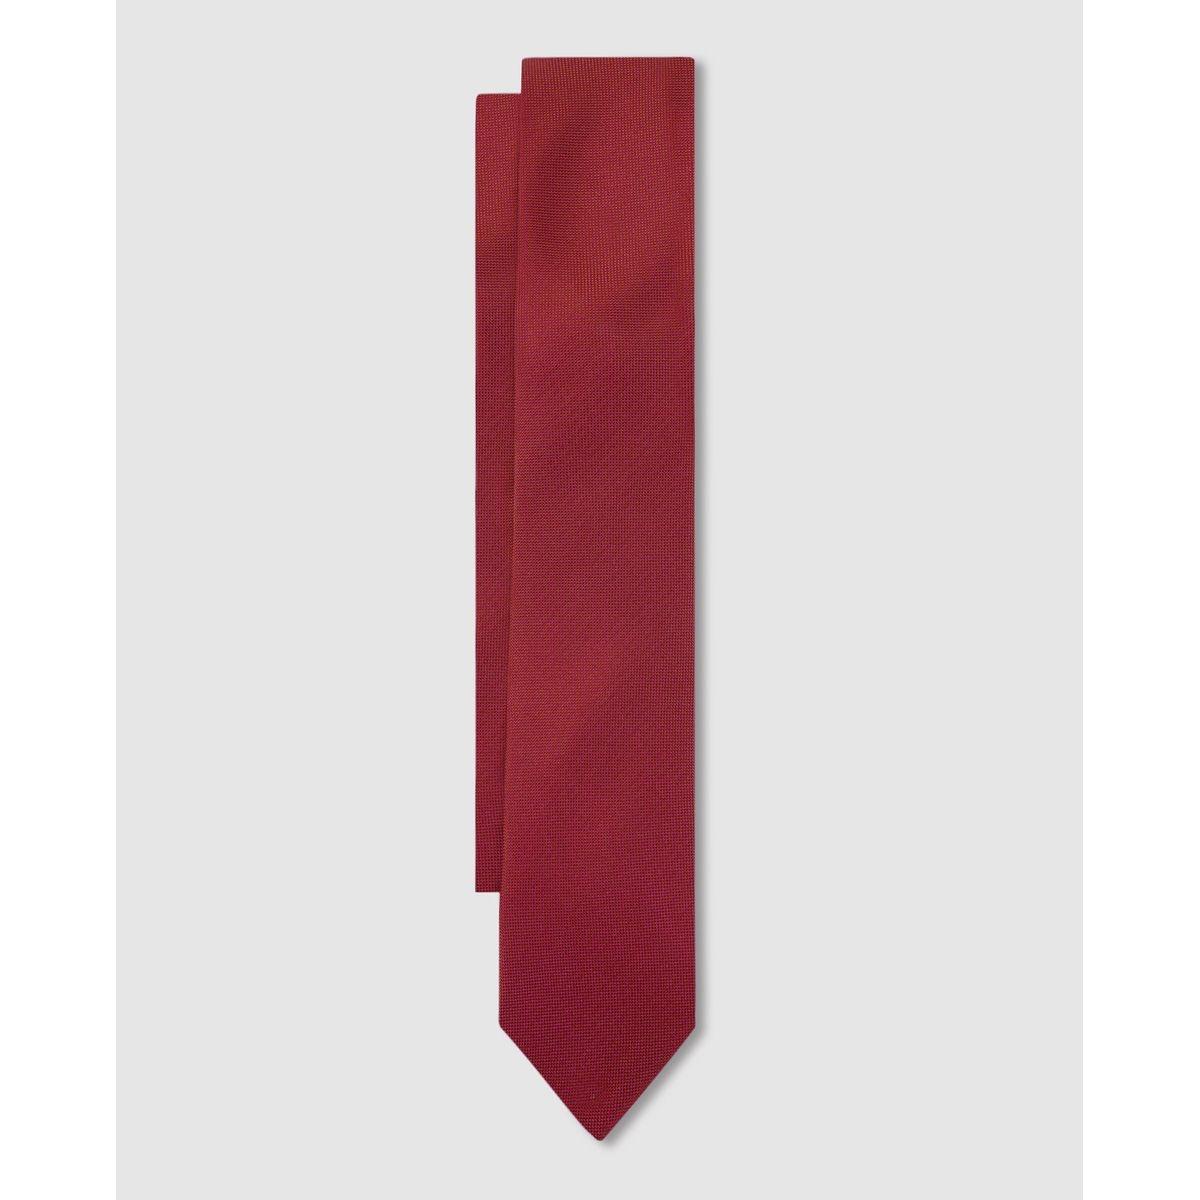 Cravate classique étroite en soie